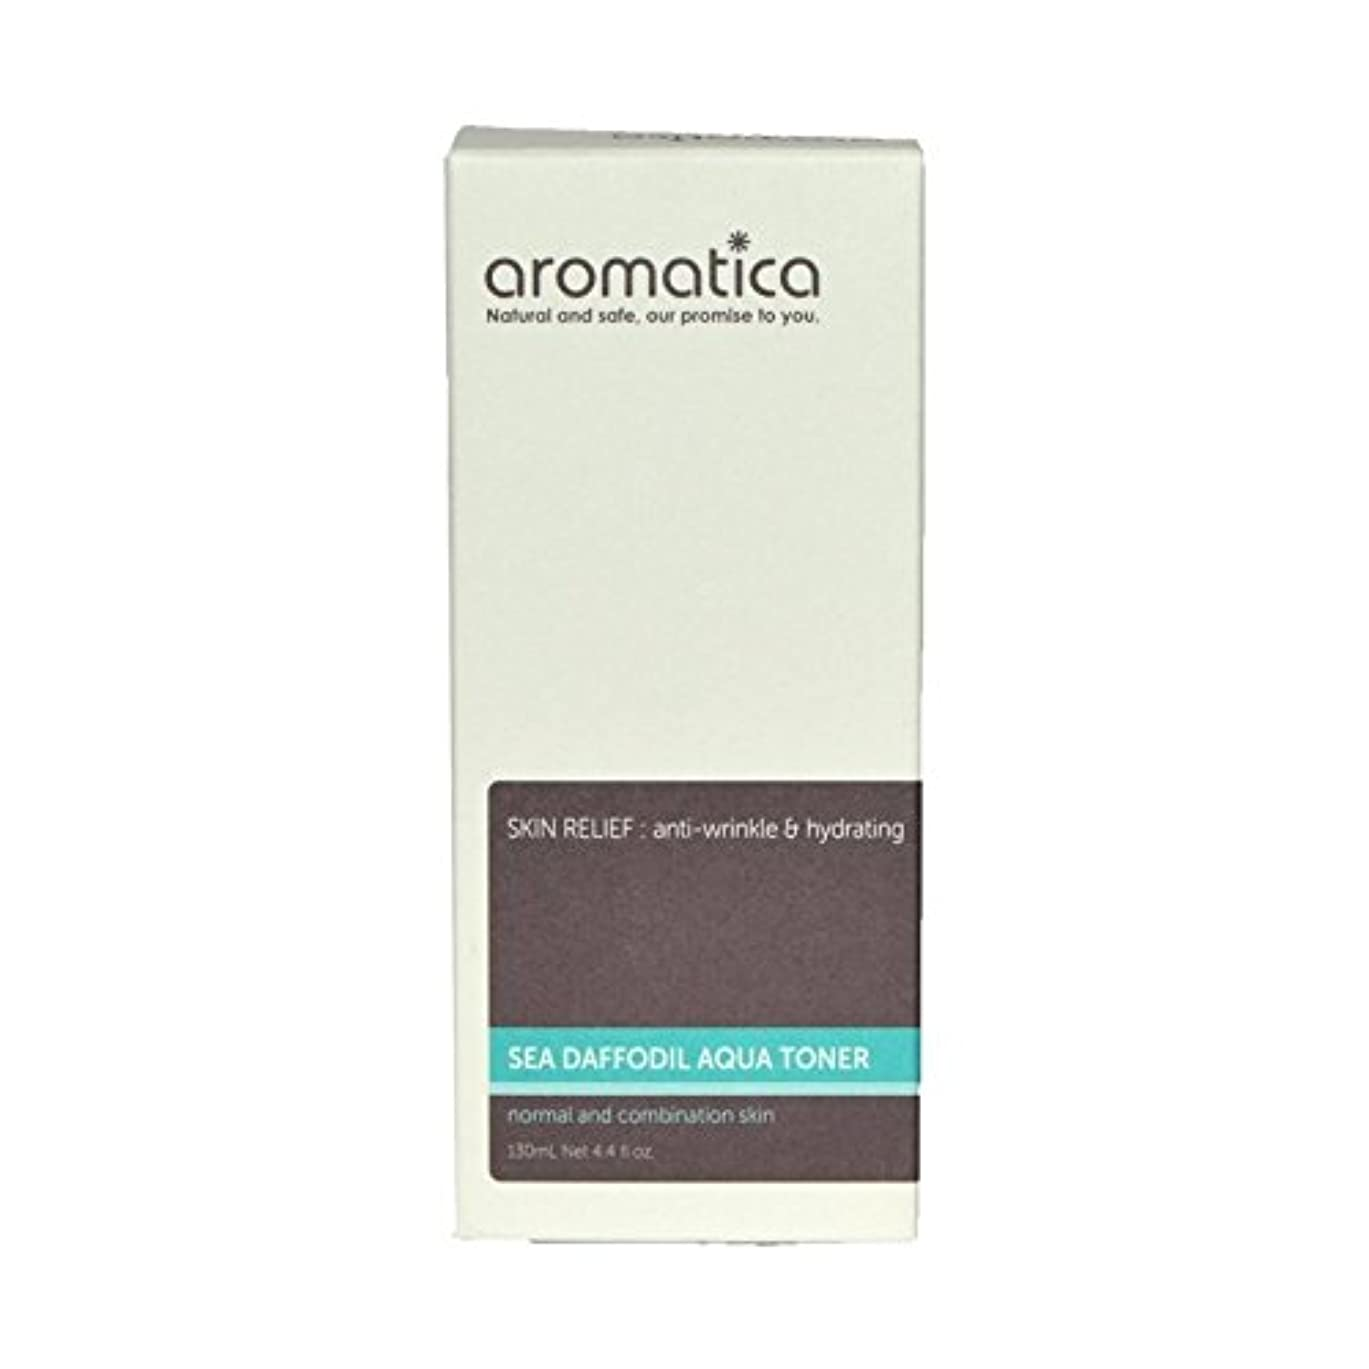 ウッズ漏れ冊子海スイセンアクアトナー130ミリリットル x4 - aromatica Sea Daffodil Aqua Toner 130ml (Pack of 4) [並行輸入品]